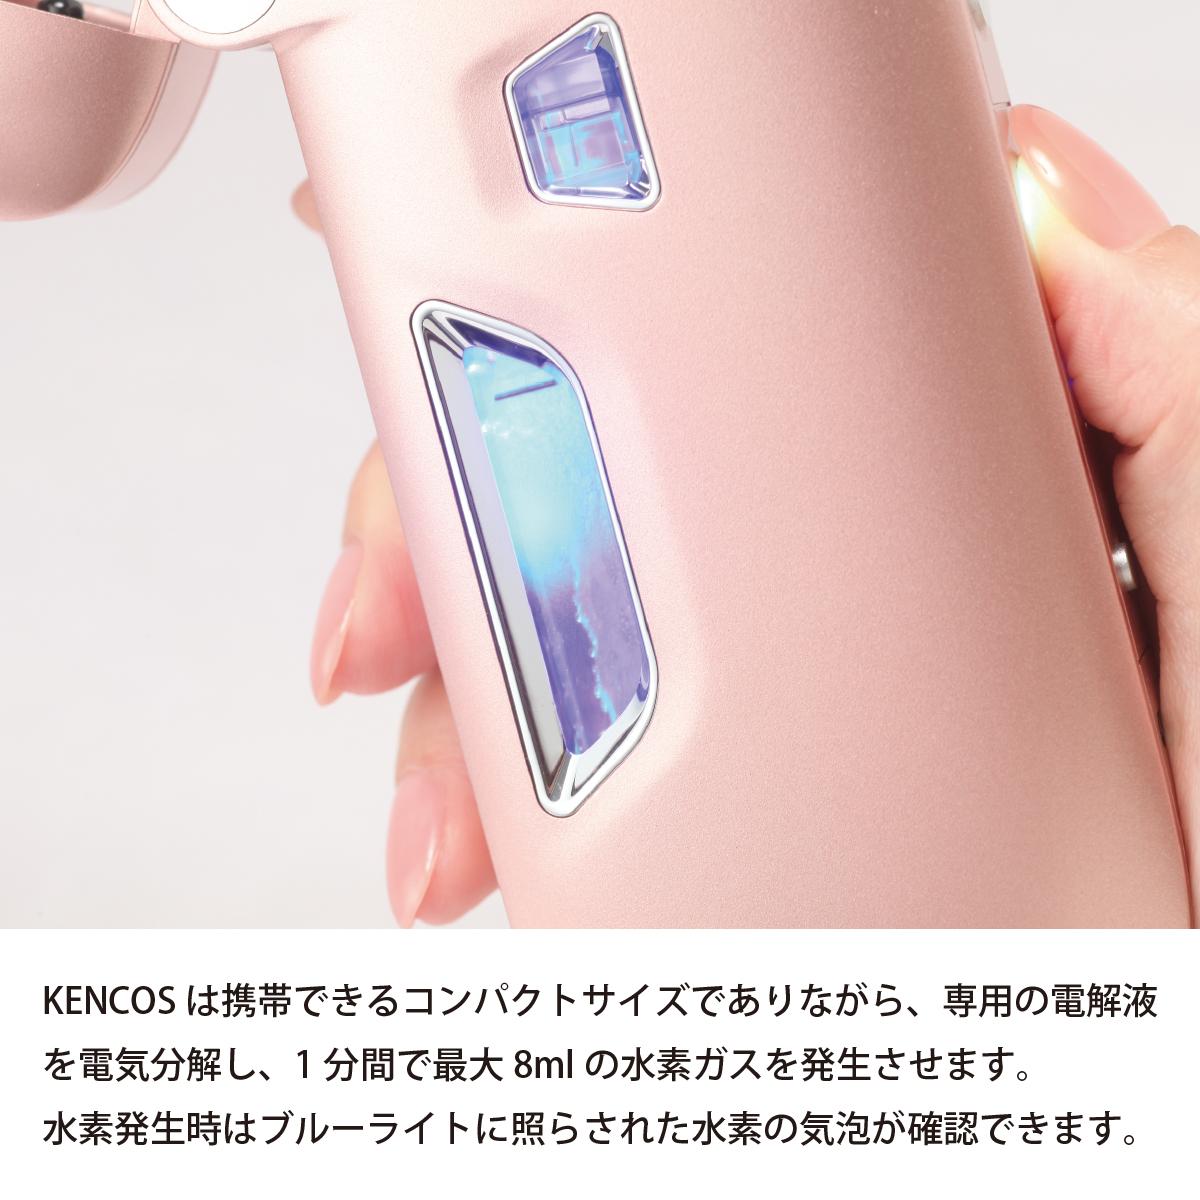 KENKOS4の水素モード